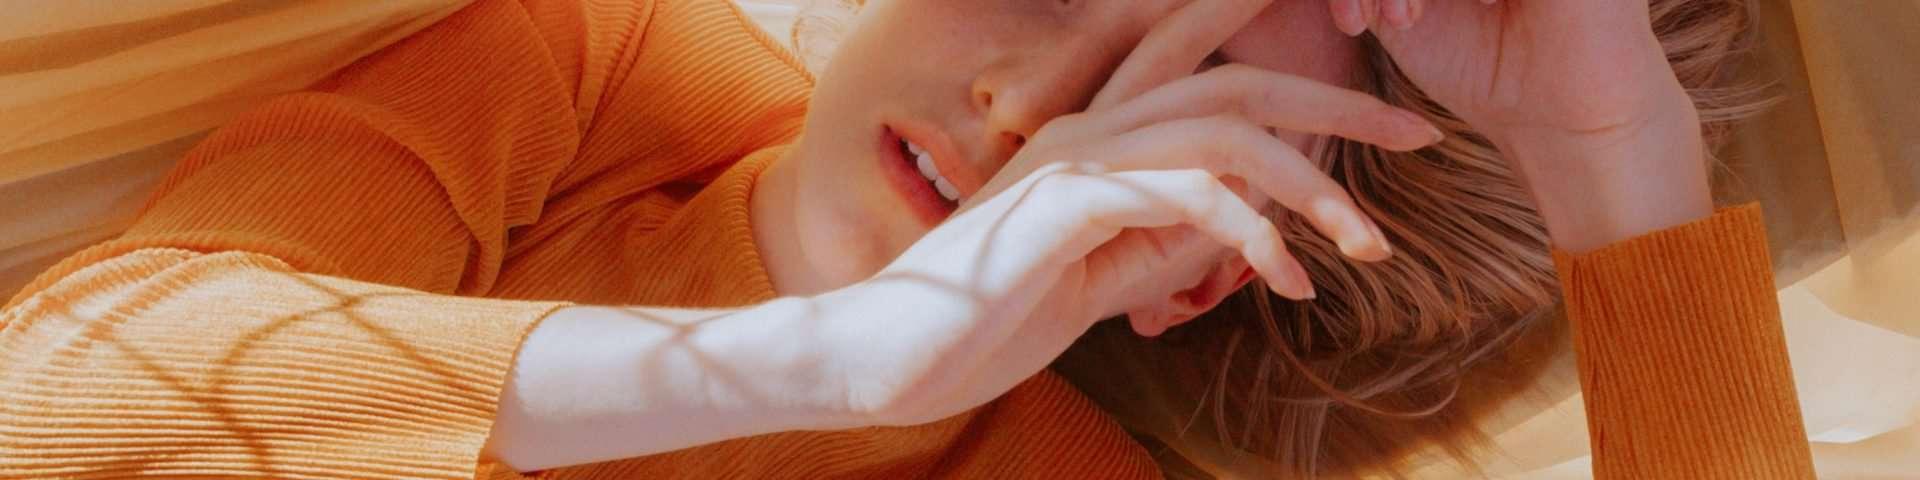 11 Dinge, die du tust, wenn du verletzt bist, aber versuchst, dies zu verbergen